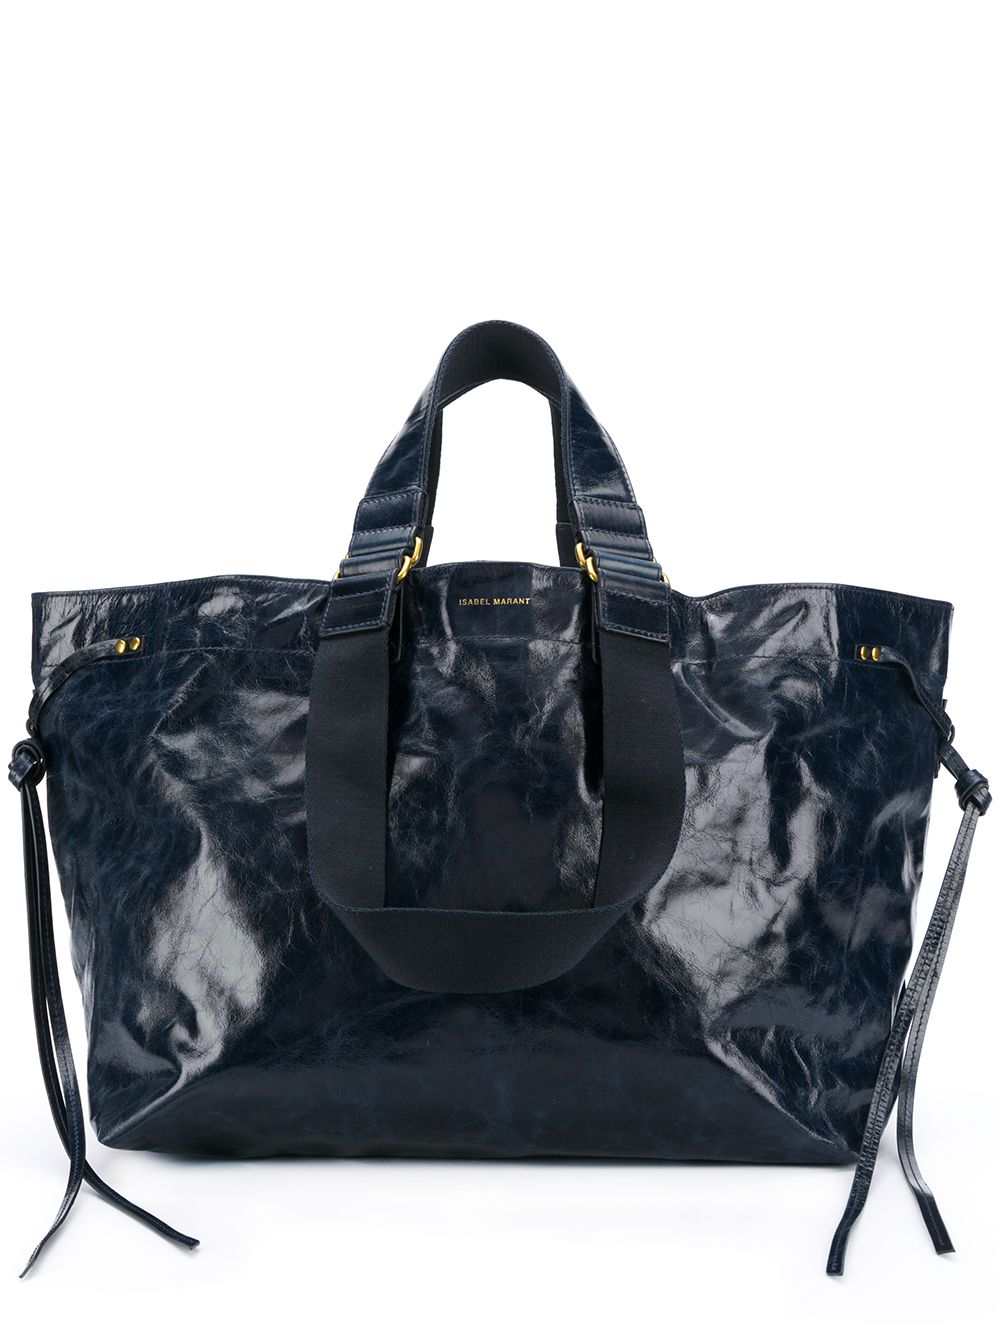 Wardy Leather Shopper Bag